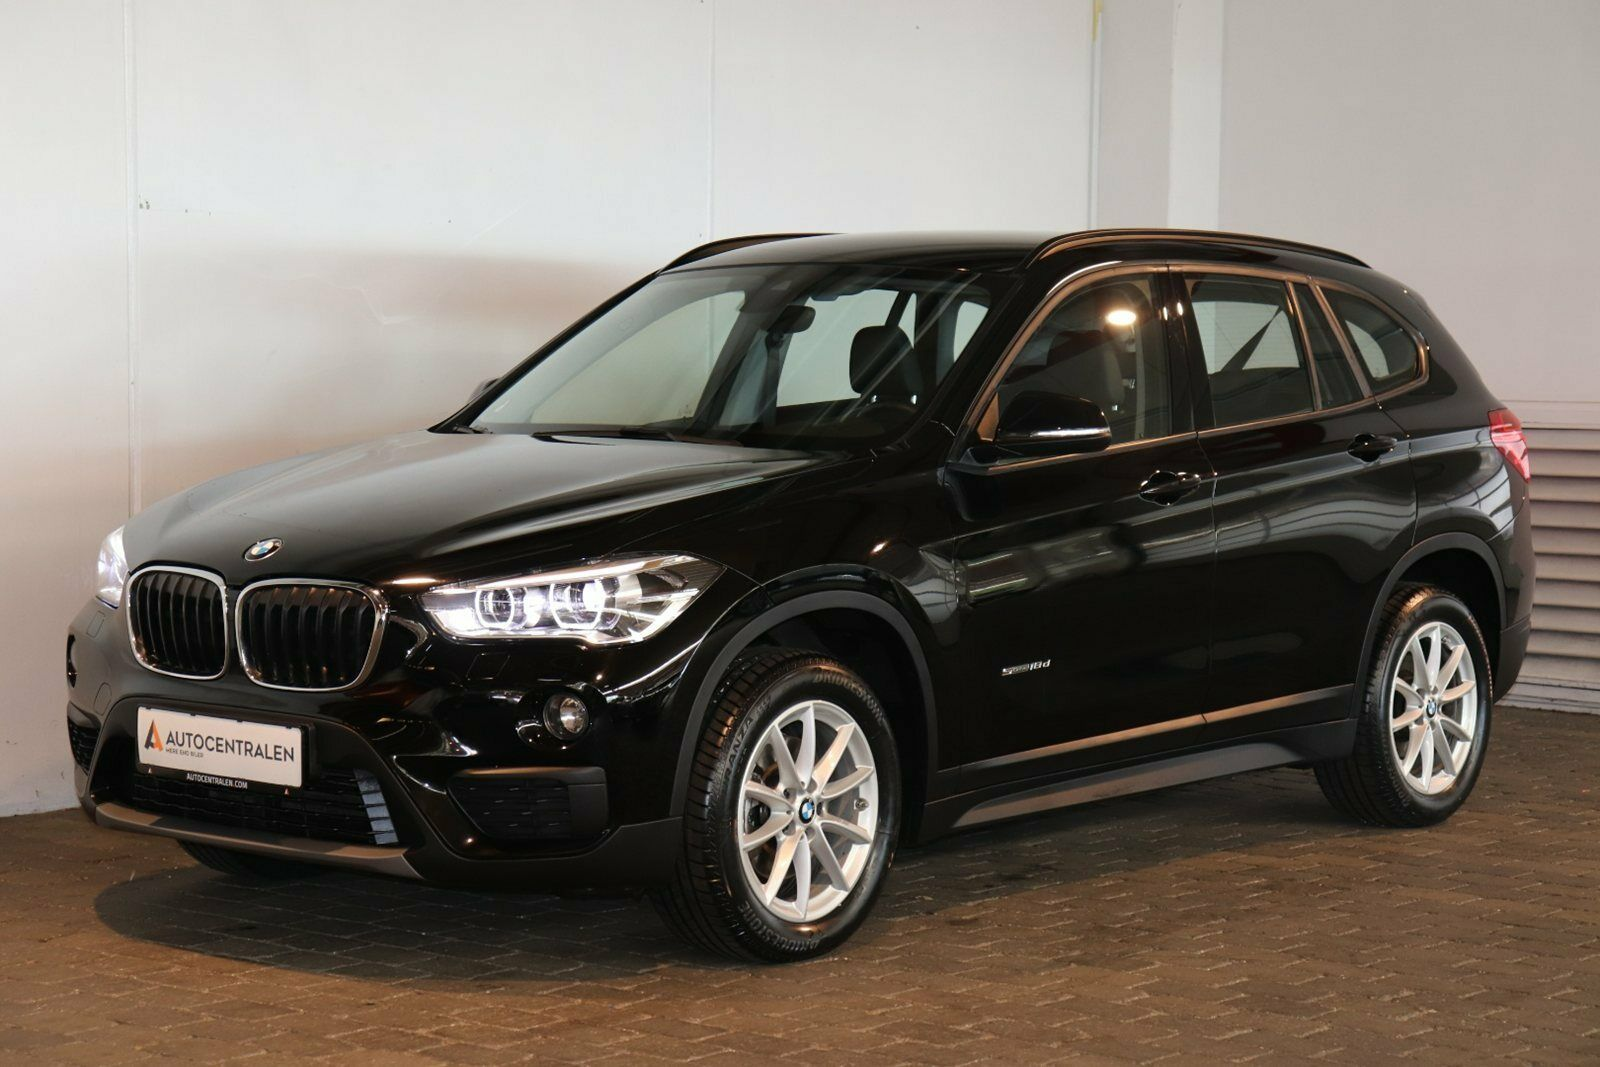 BMW X1 2,0 sDrive18d aut. 5d - 324.680 kr.